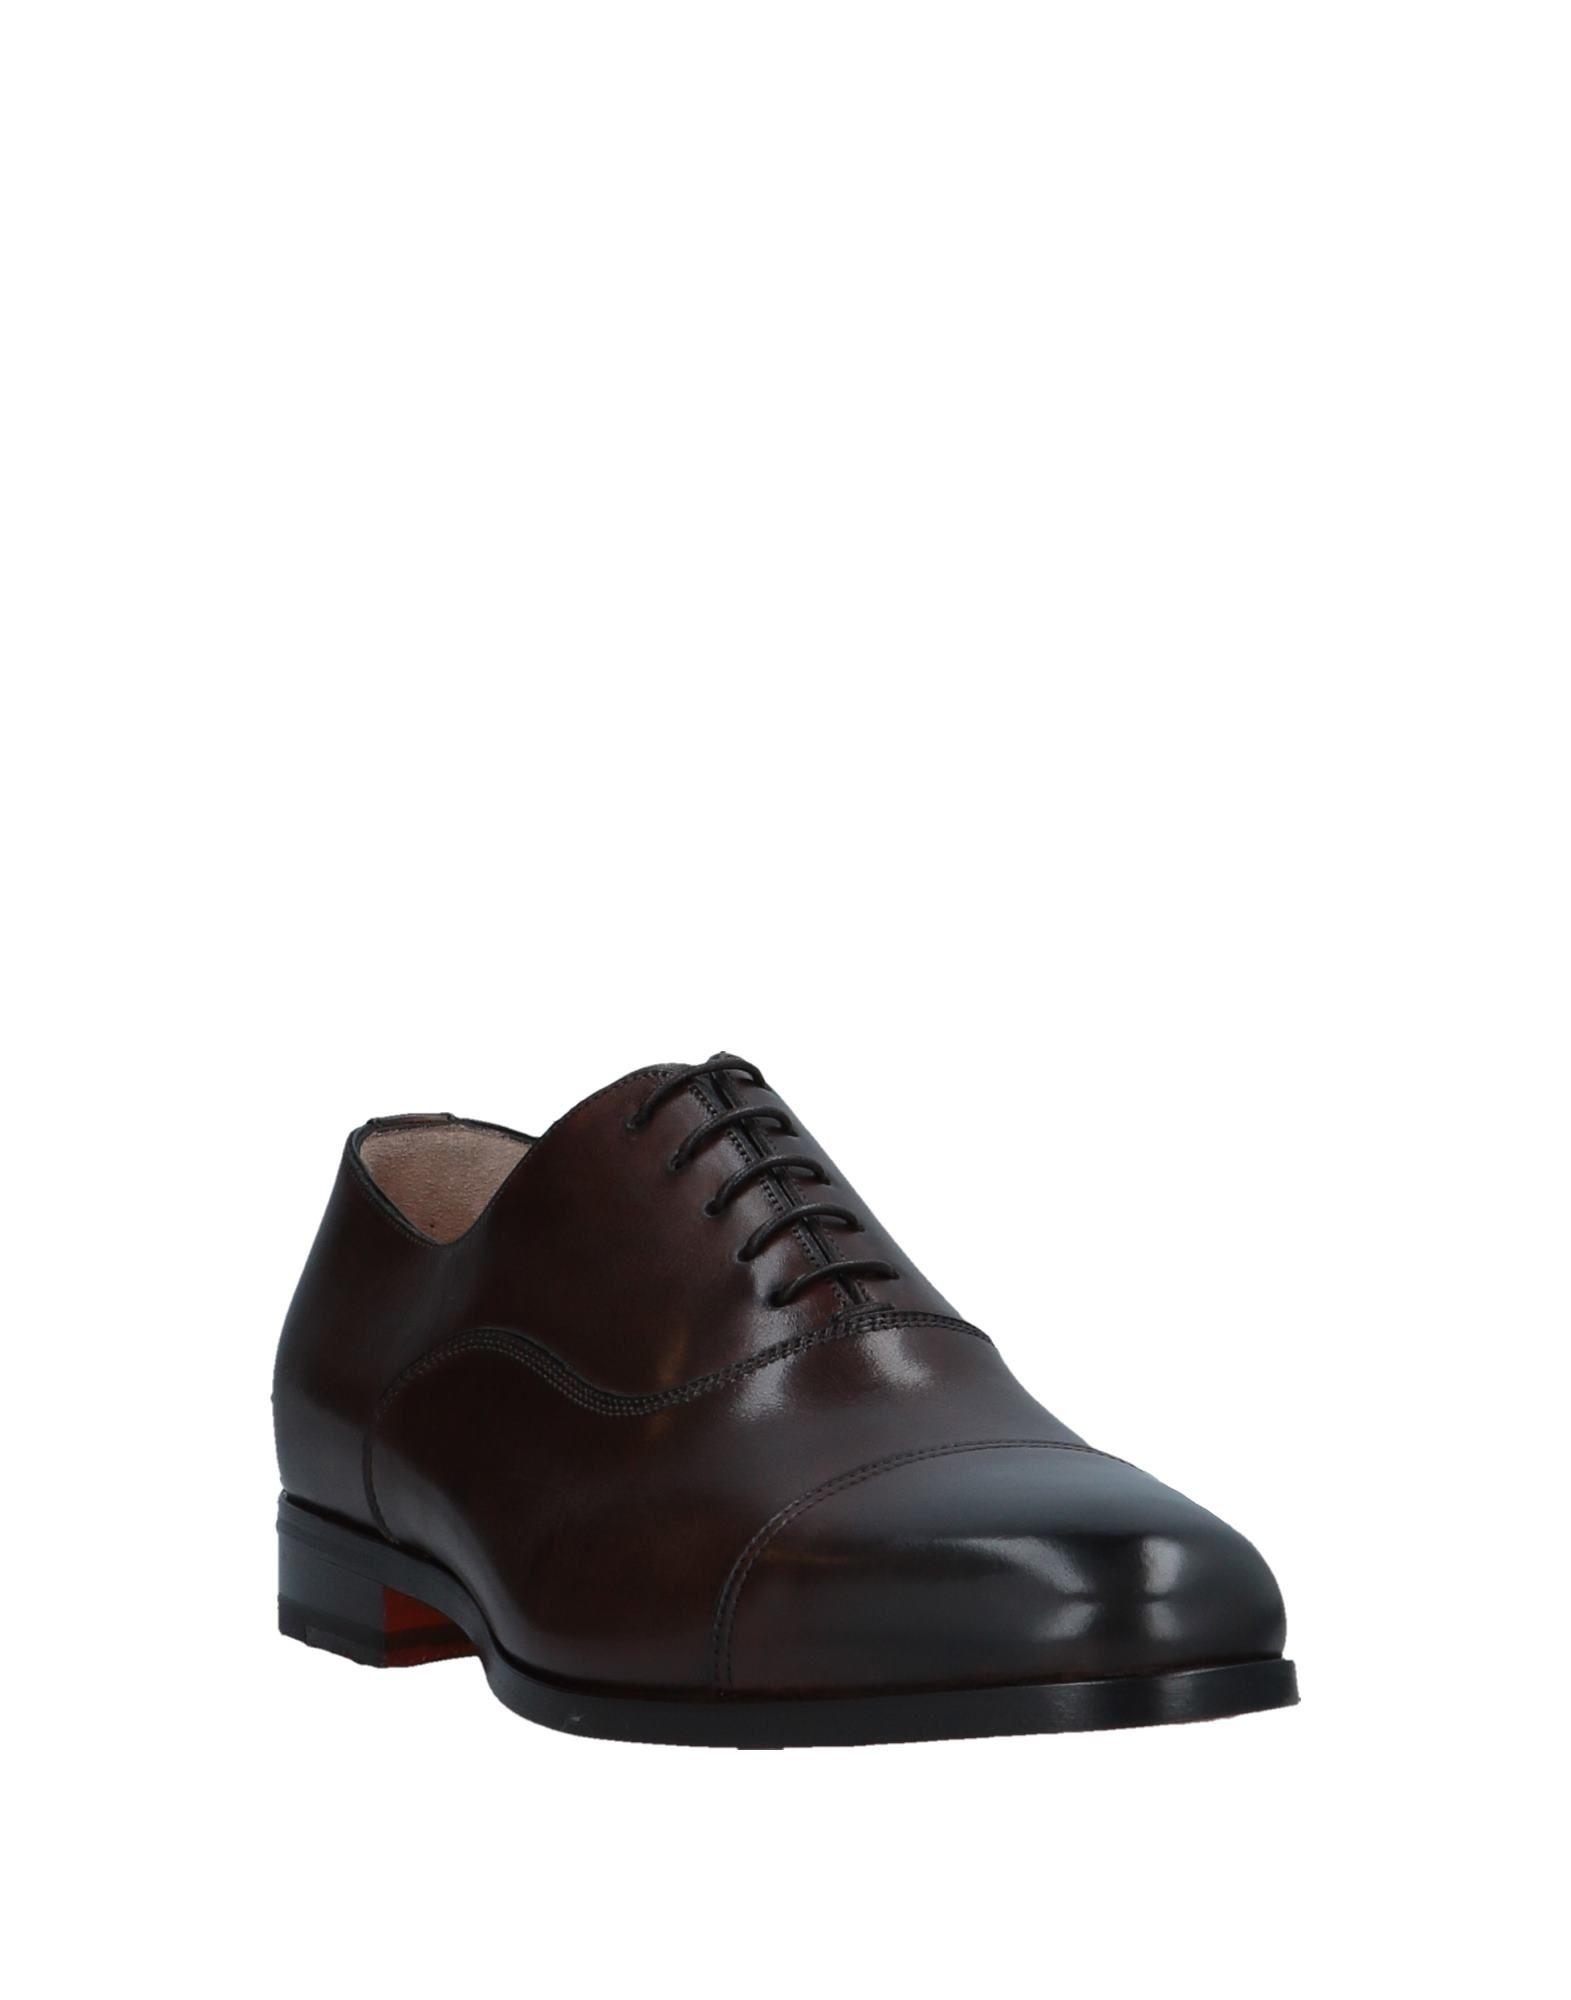 Santoni Schnürschuhe Gute Herren  11541331GE Gute Schnürschuhe Qualität beliebte Schuhe 61c541